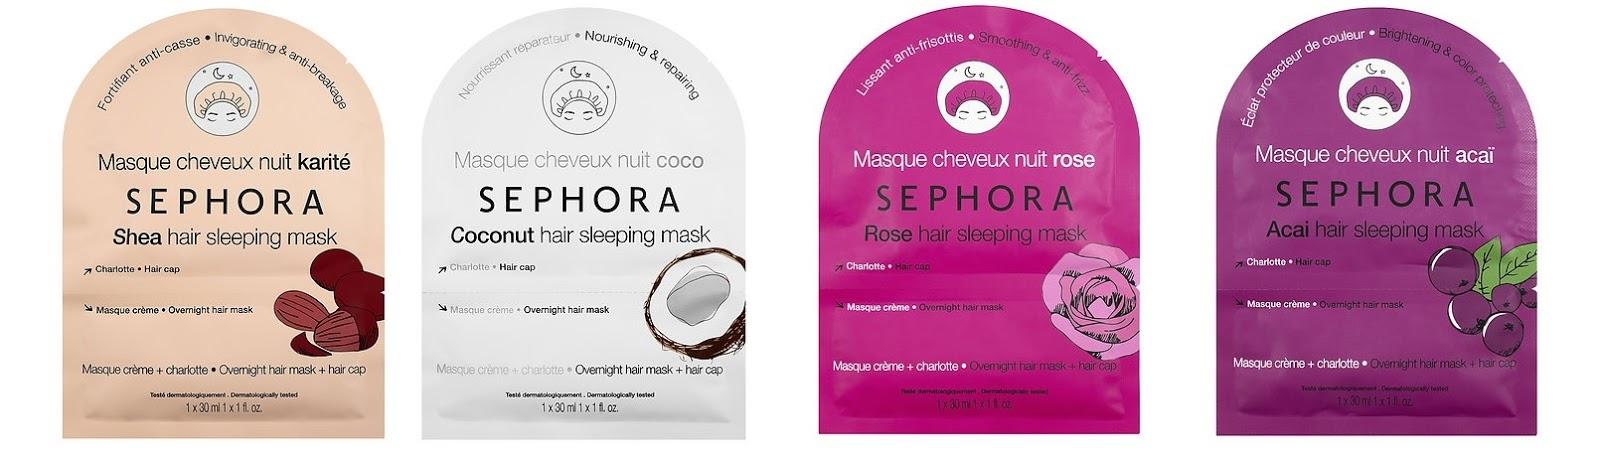 Risultati immagini per sephora nuove maschere